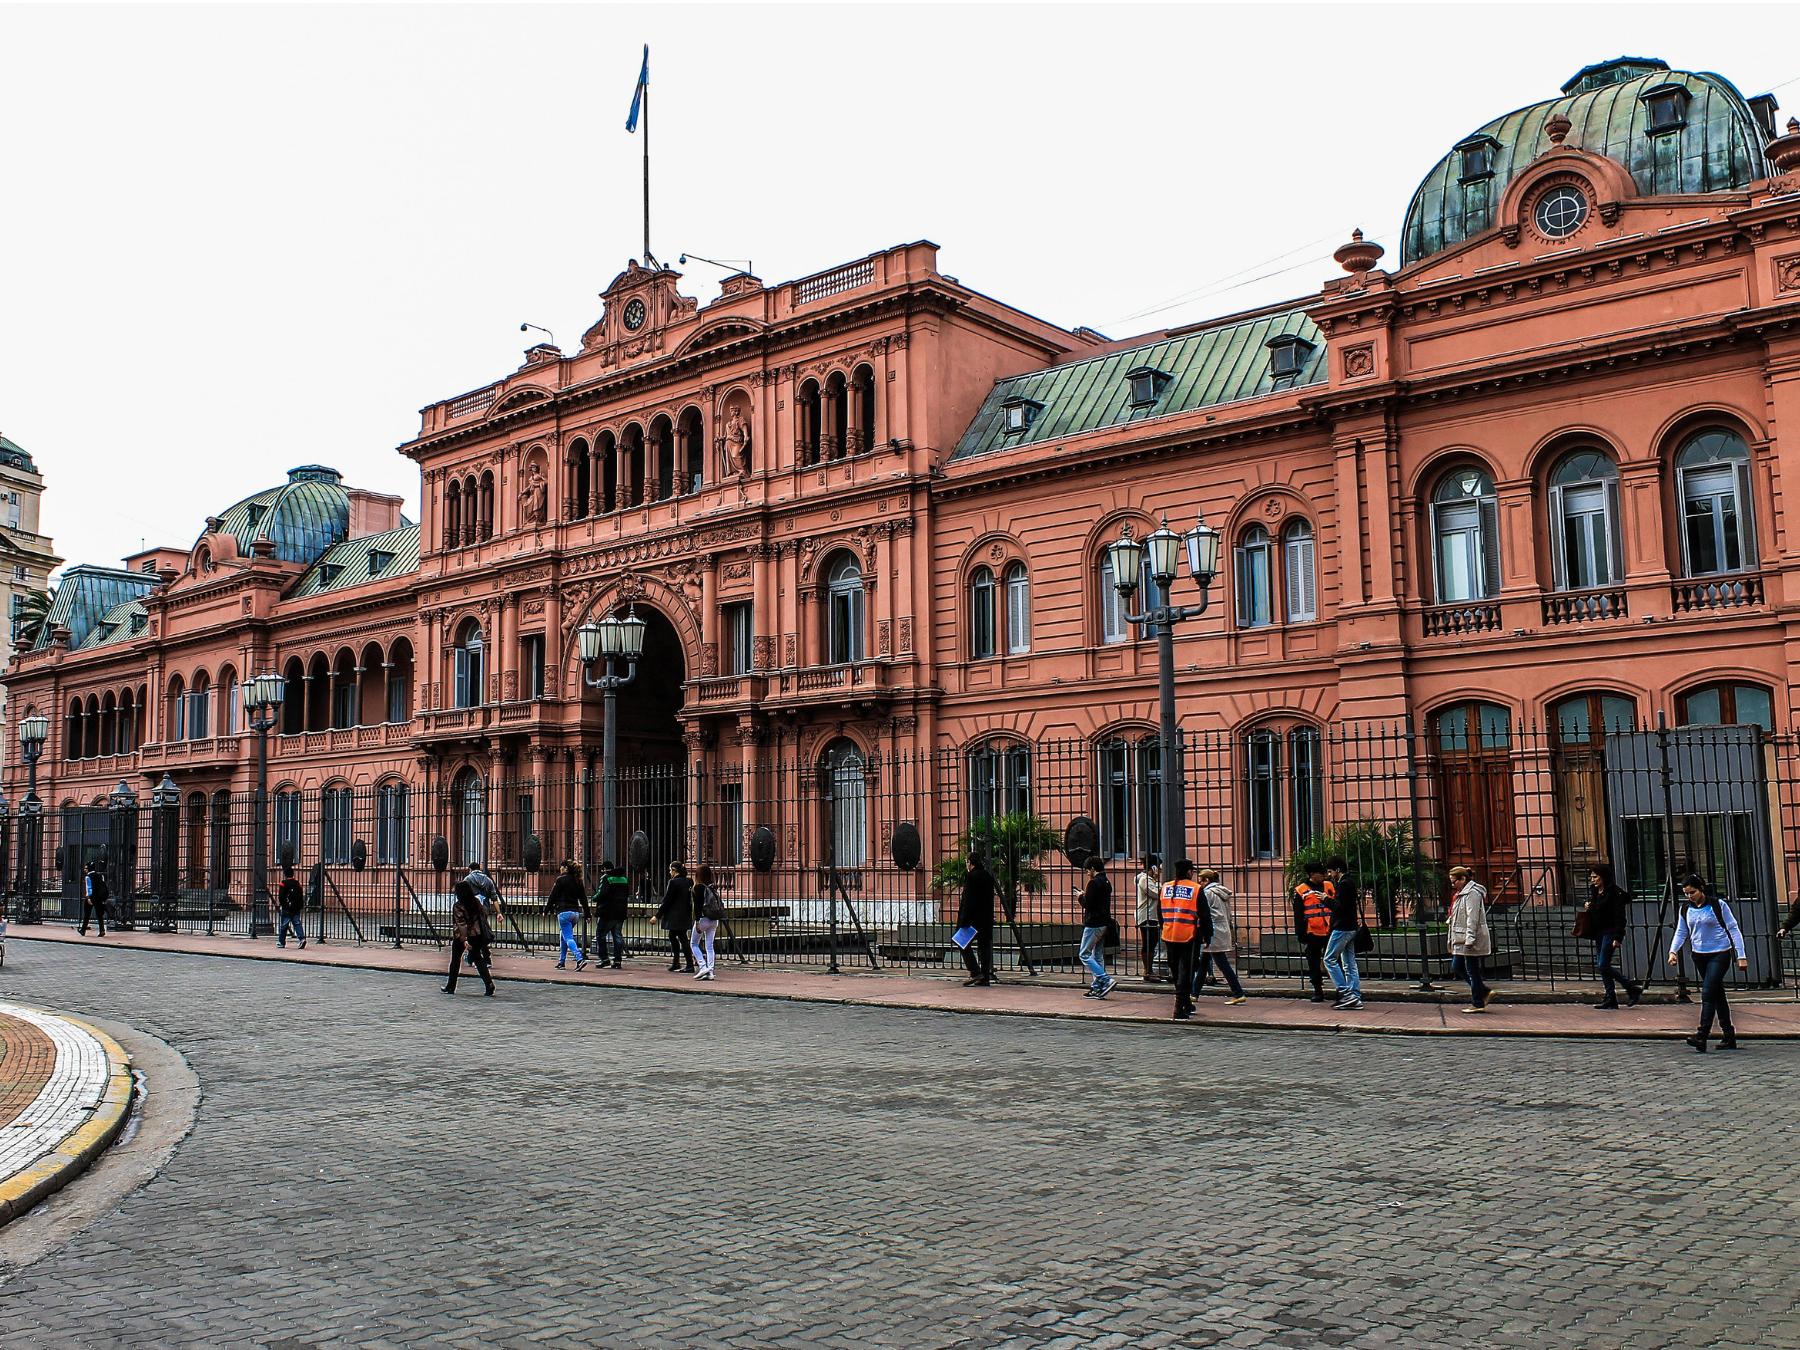 15-melhores-lugares-para-viajar-esse-ano-2019-argentina 15 melhores lugares para viajar (melhor custo)